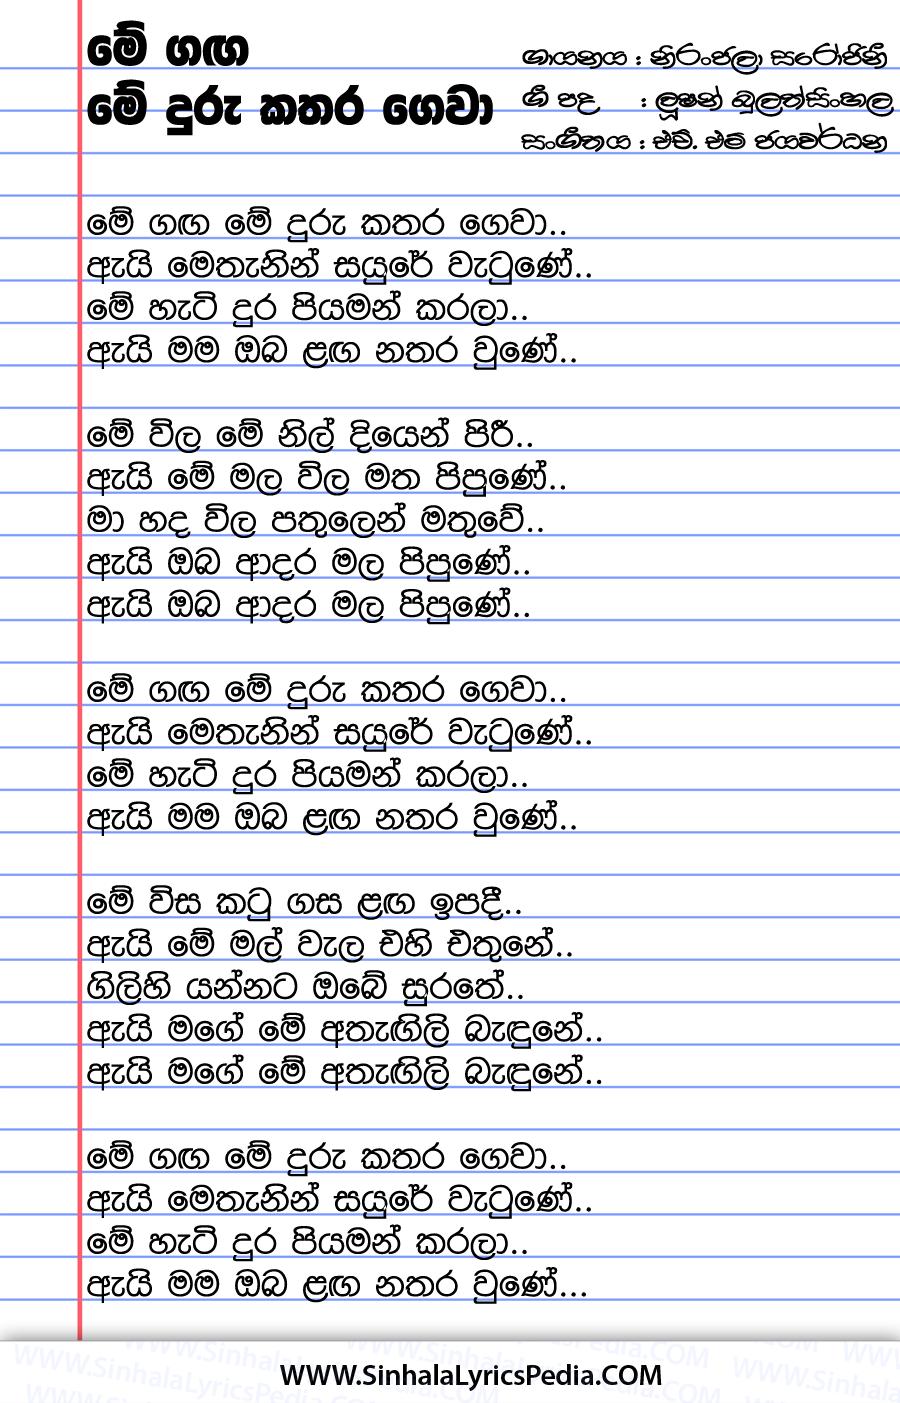 Me Ganga Me Duru Kathara Gewa Song Lyrics